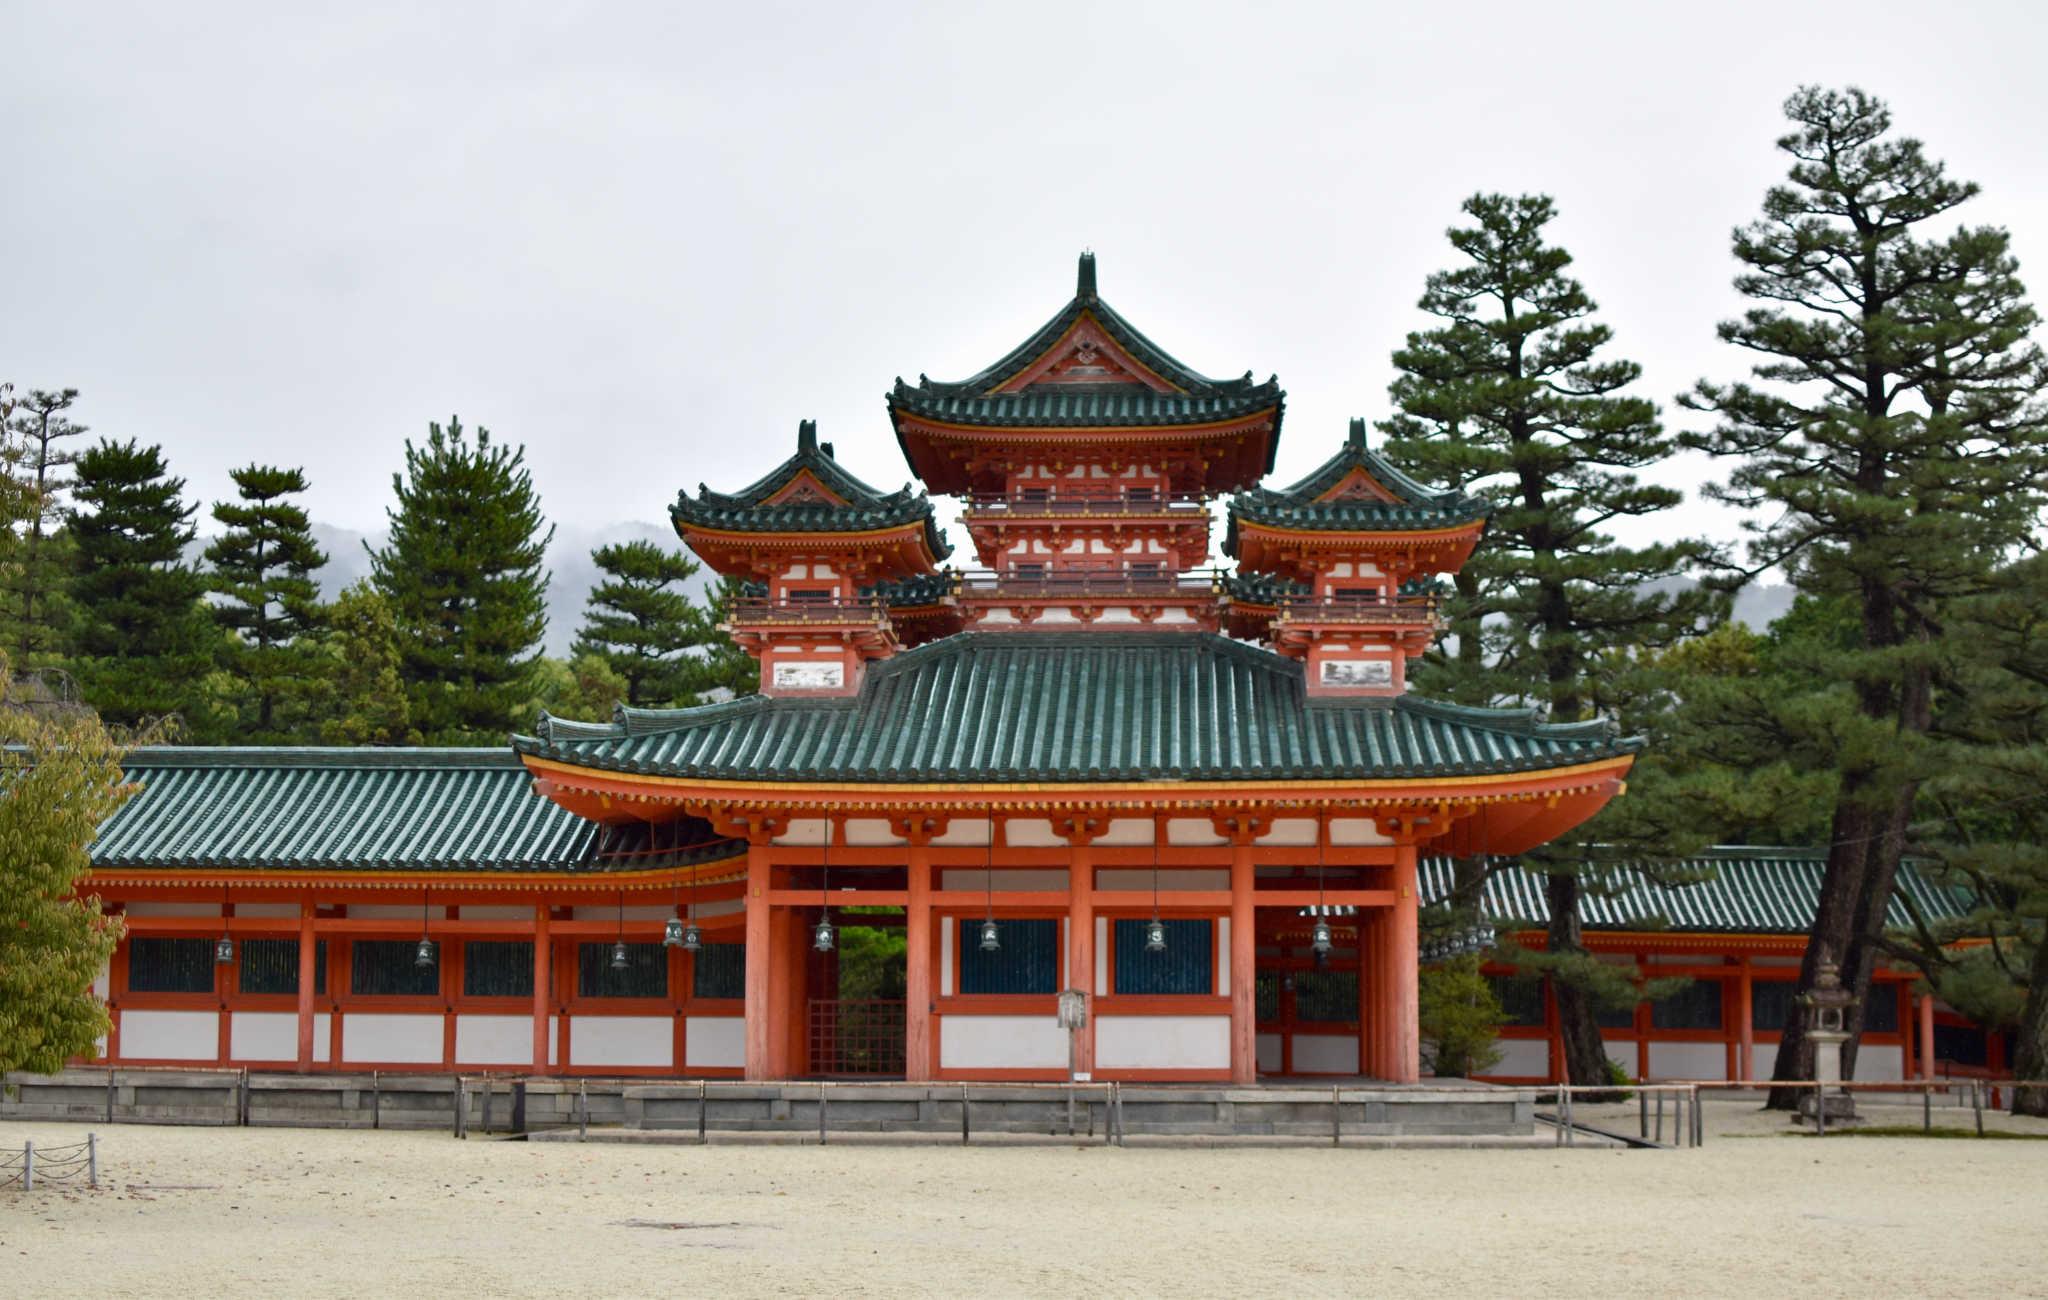 L'architecture du sanctuaire est vraiment impressionnante